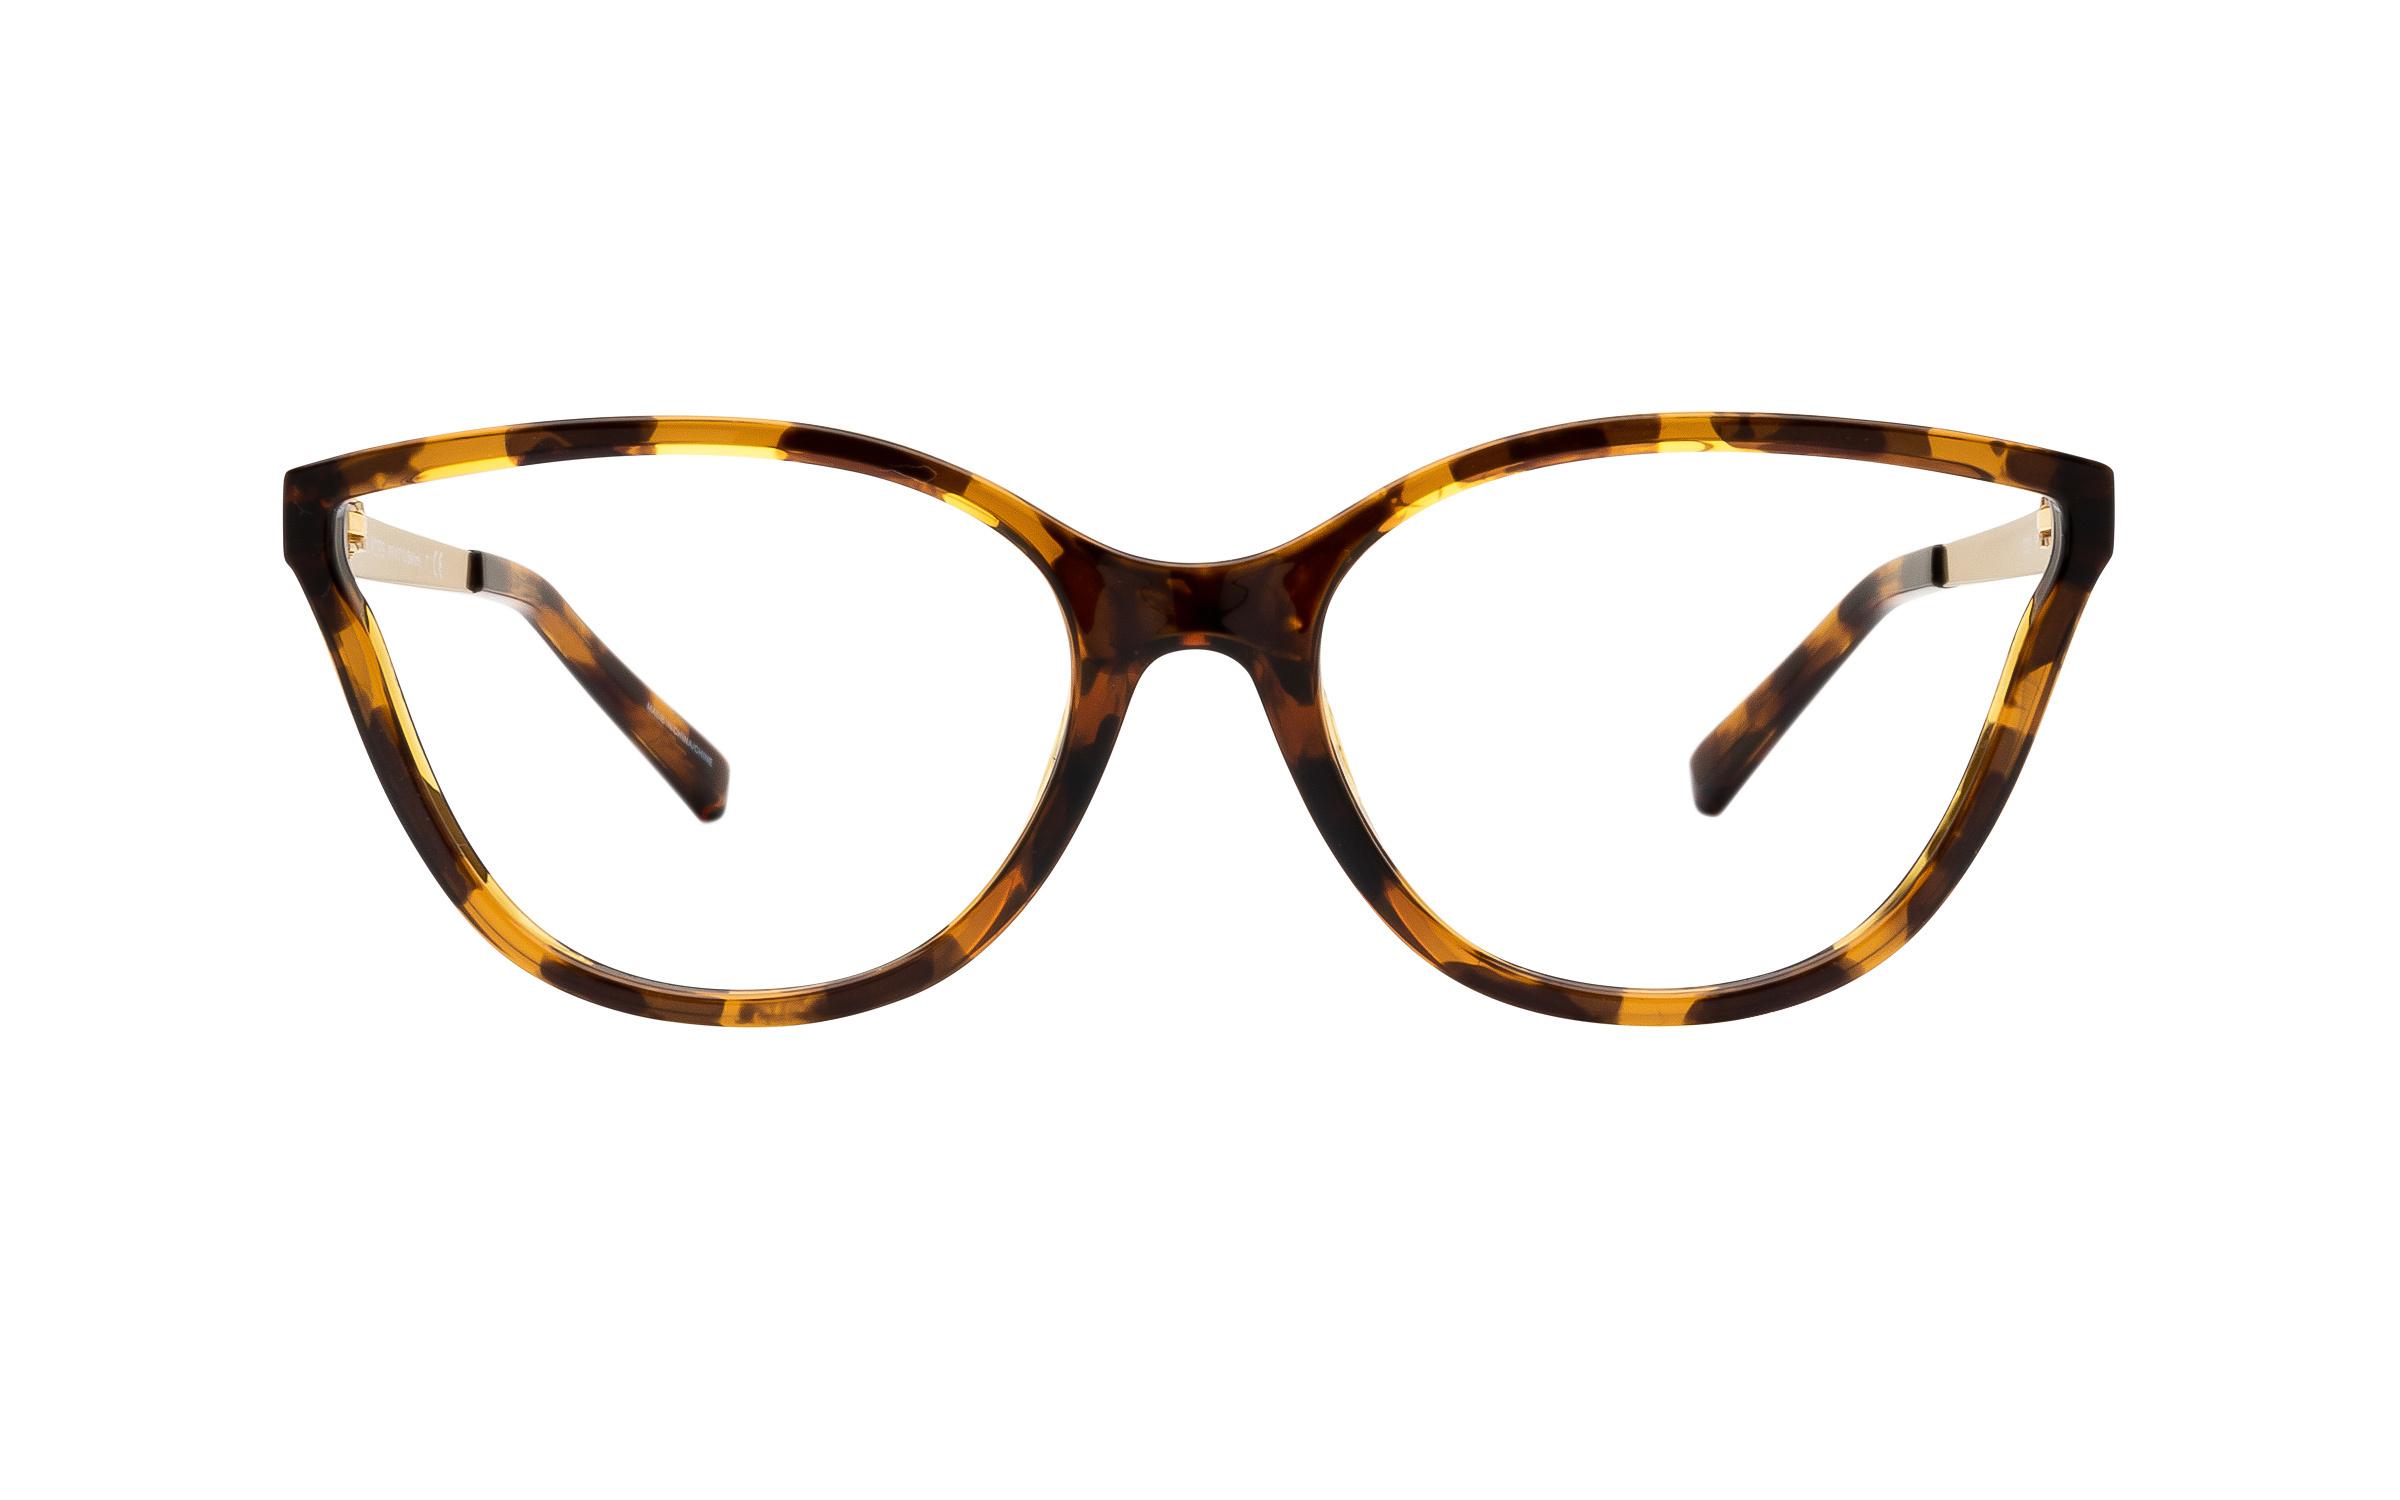 Michael Kors Belize MK4071U 3333 (55) Eyeglasses and Frame in Dark Tortoise | Acetate/Metal - Online